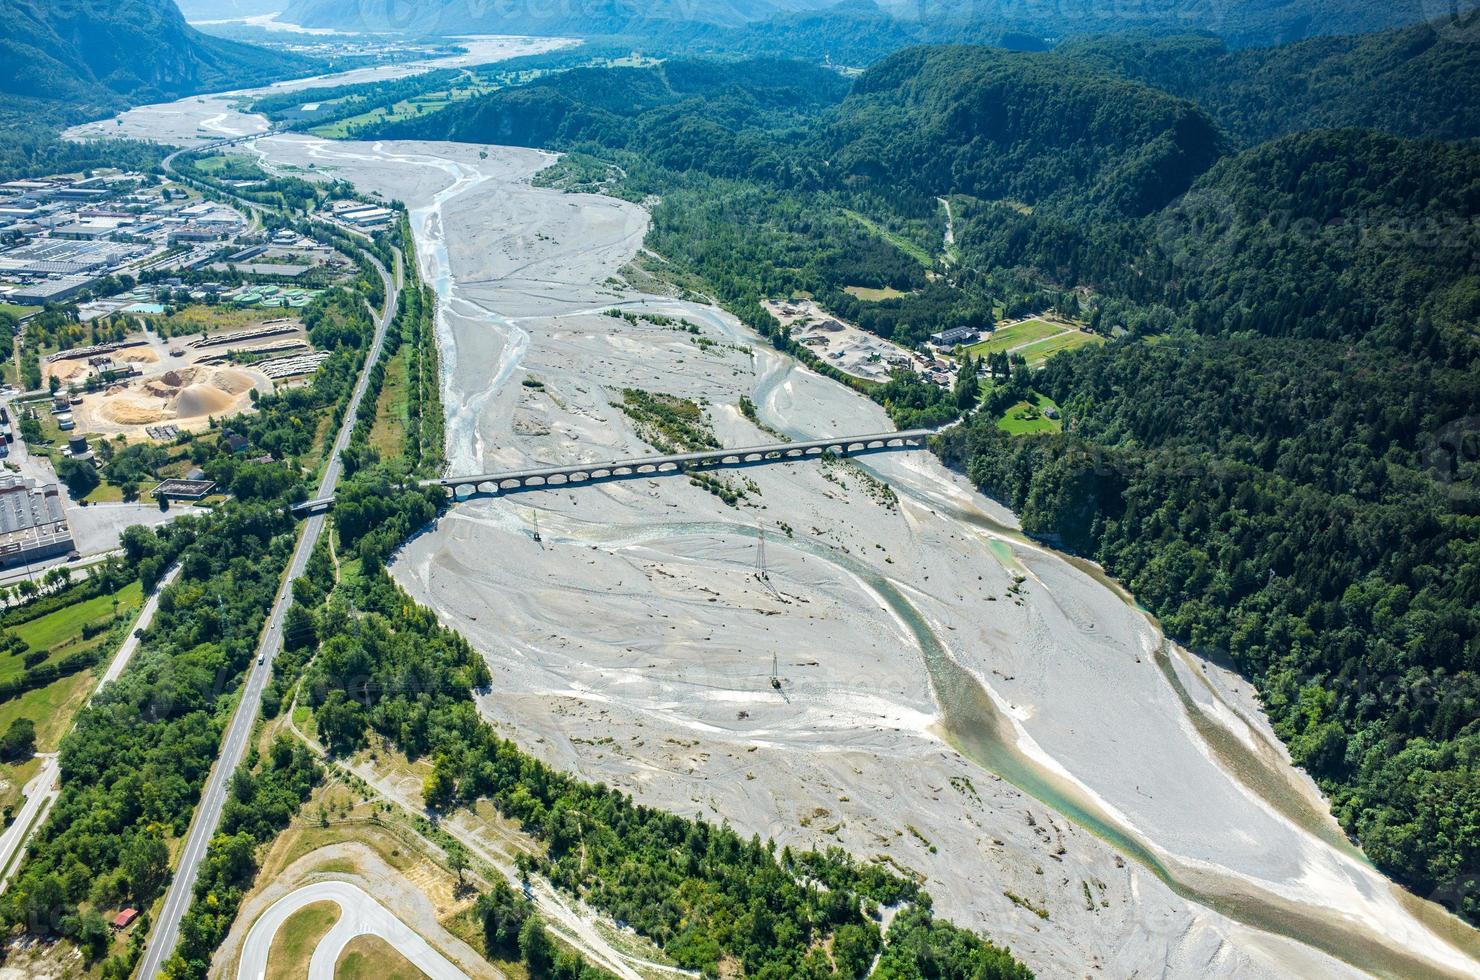 Tagliamento river photo